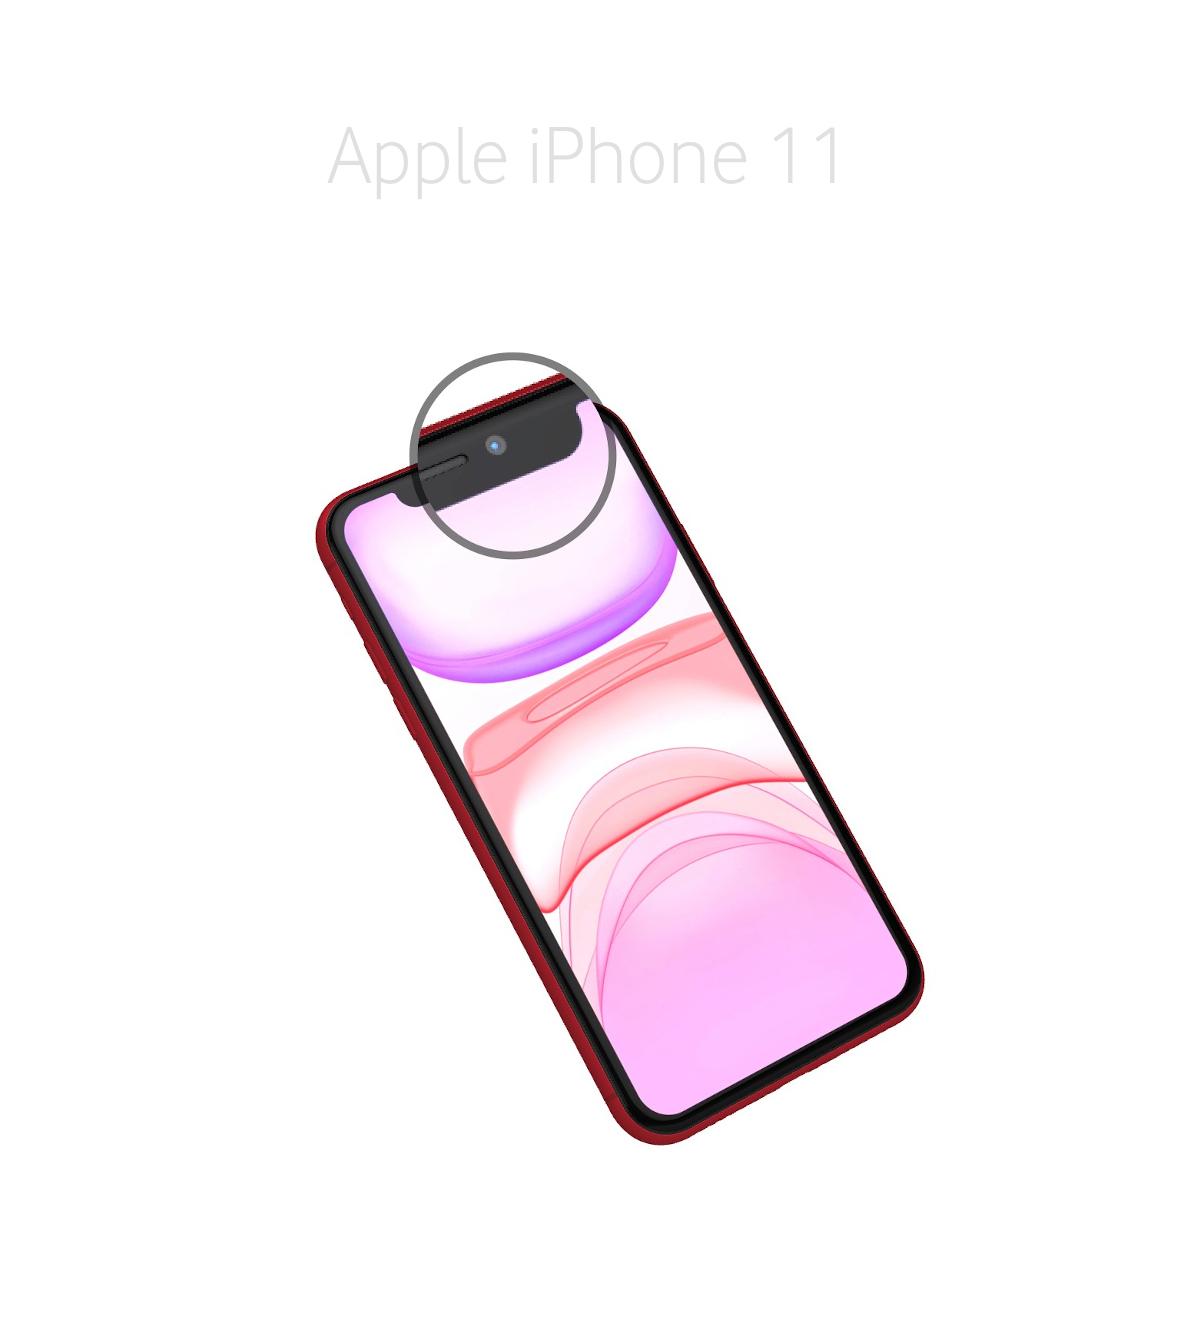 Laga kamera (selfie) iphone 11